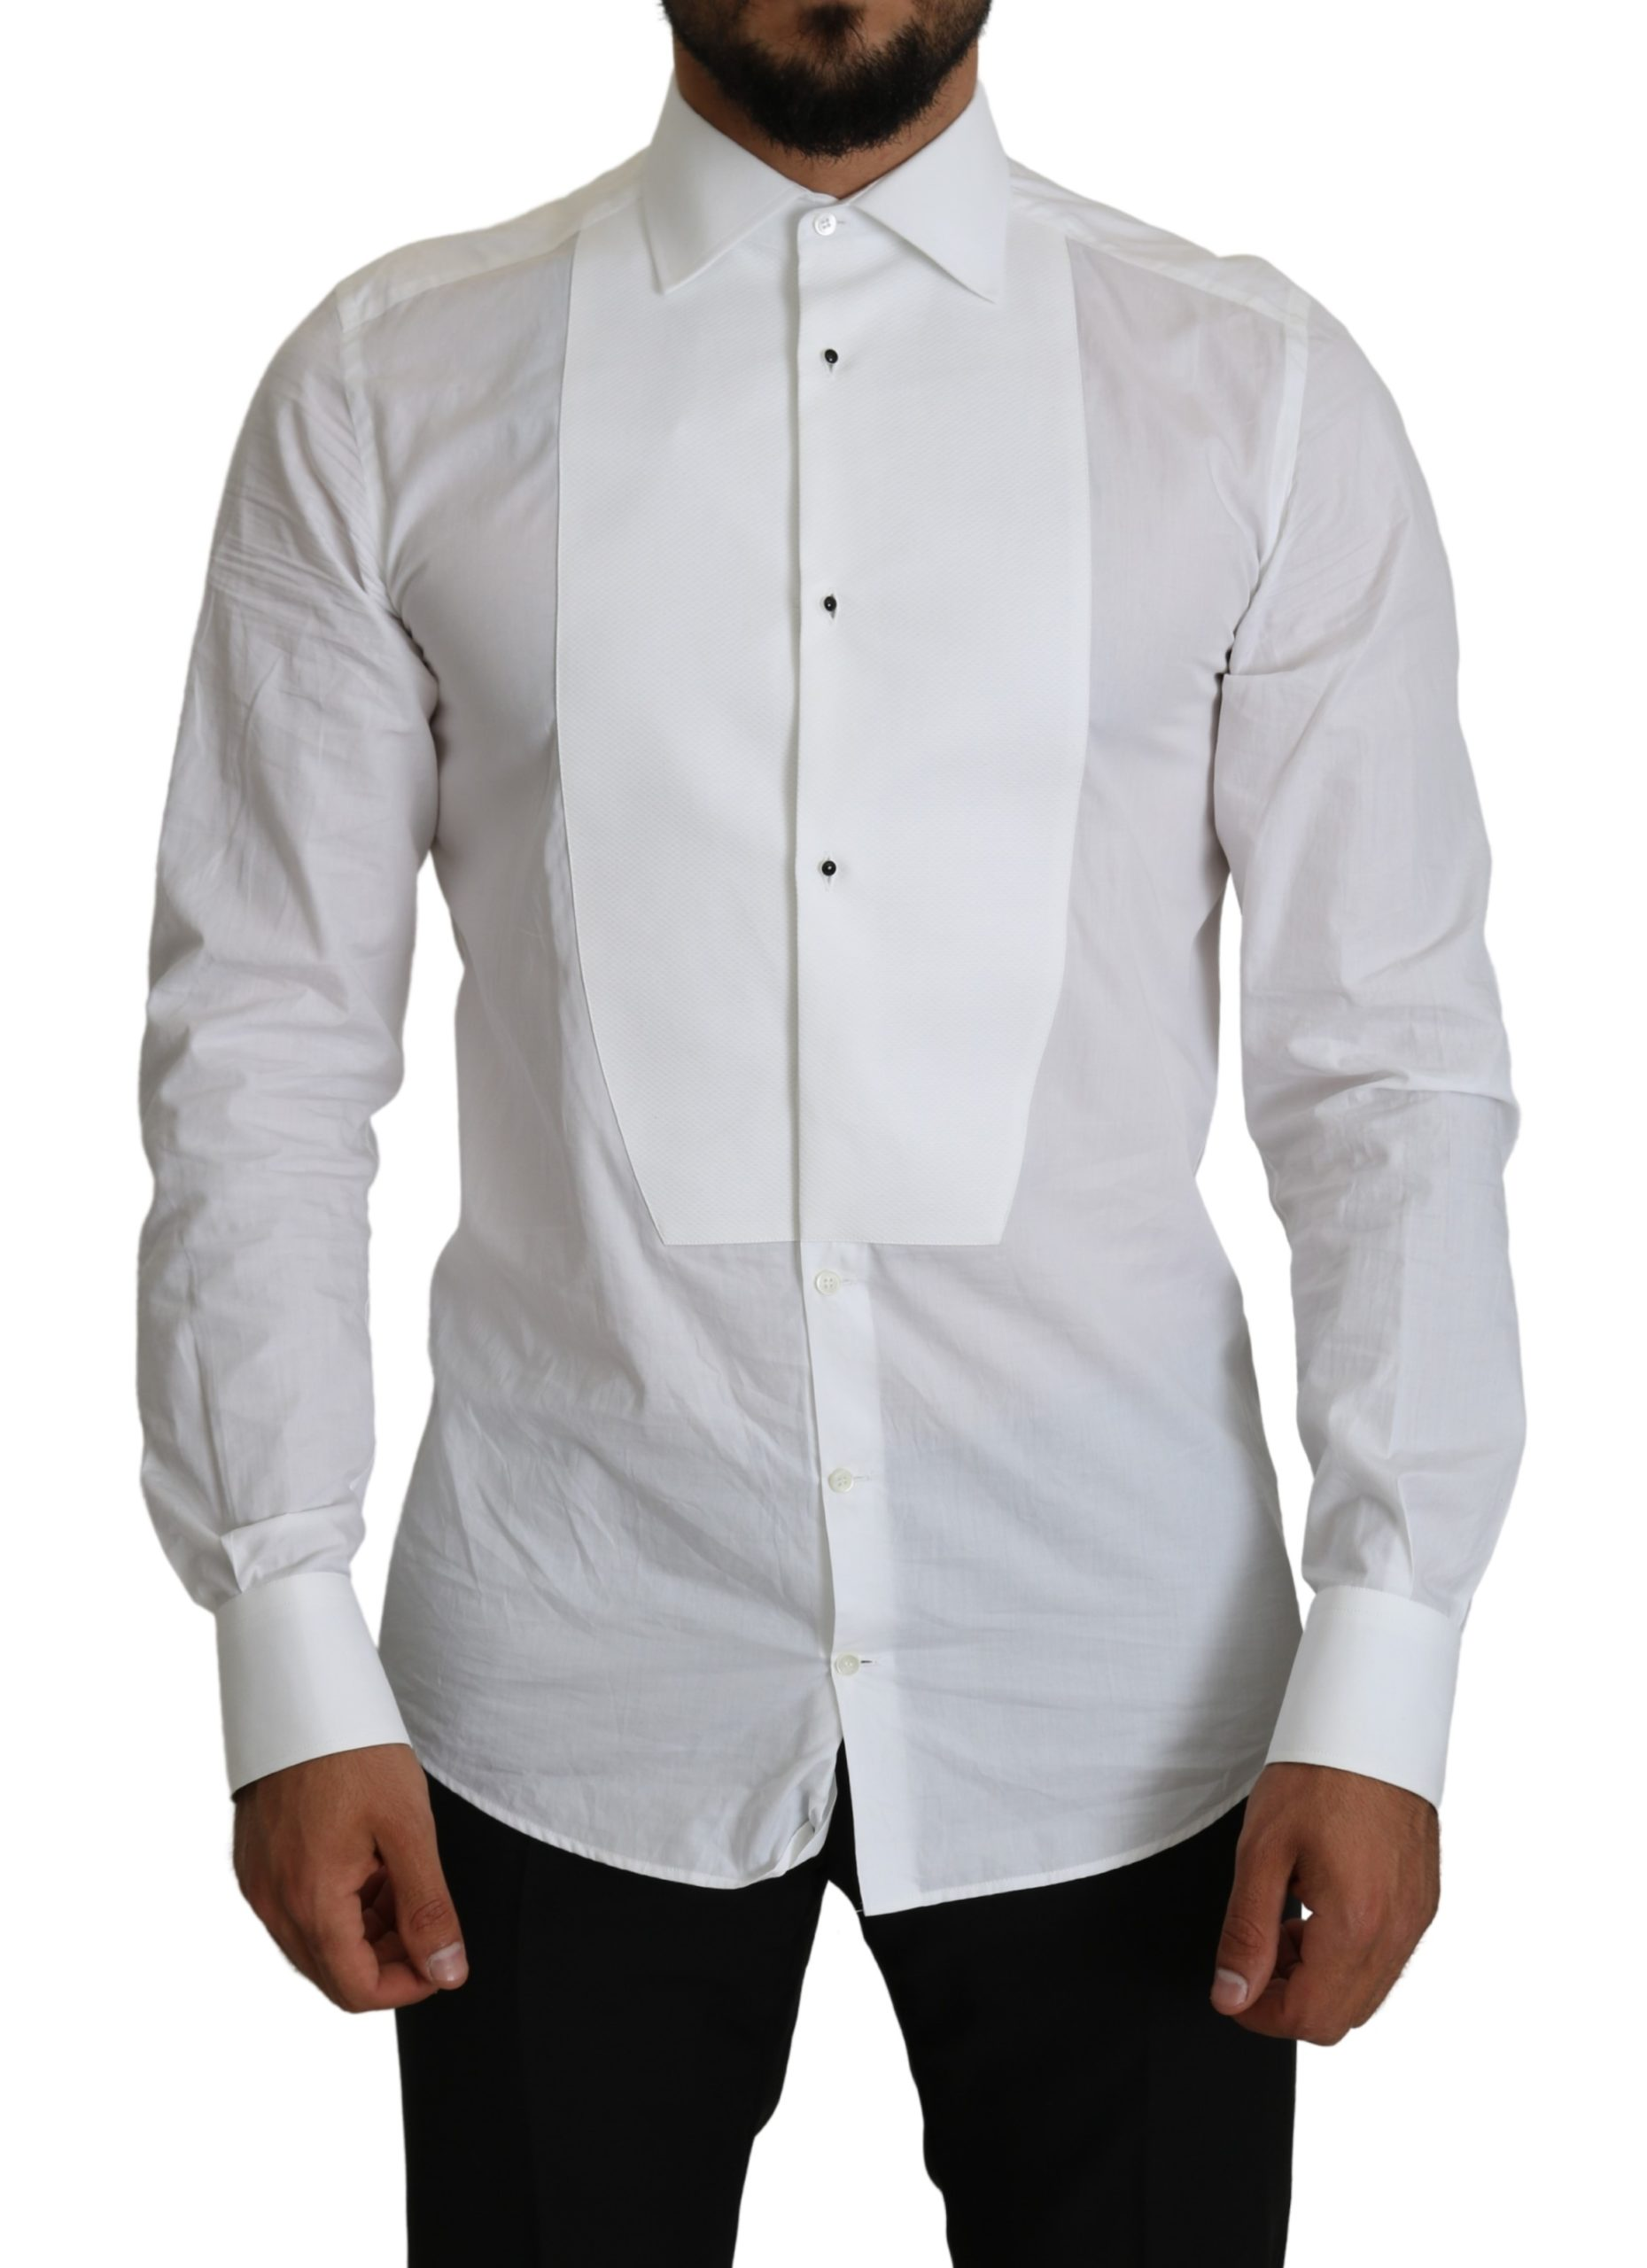 Dolce & Gabbana Men's Formal Cotton Shirt White TSH5167 - IT40 | M